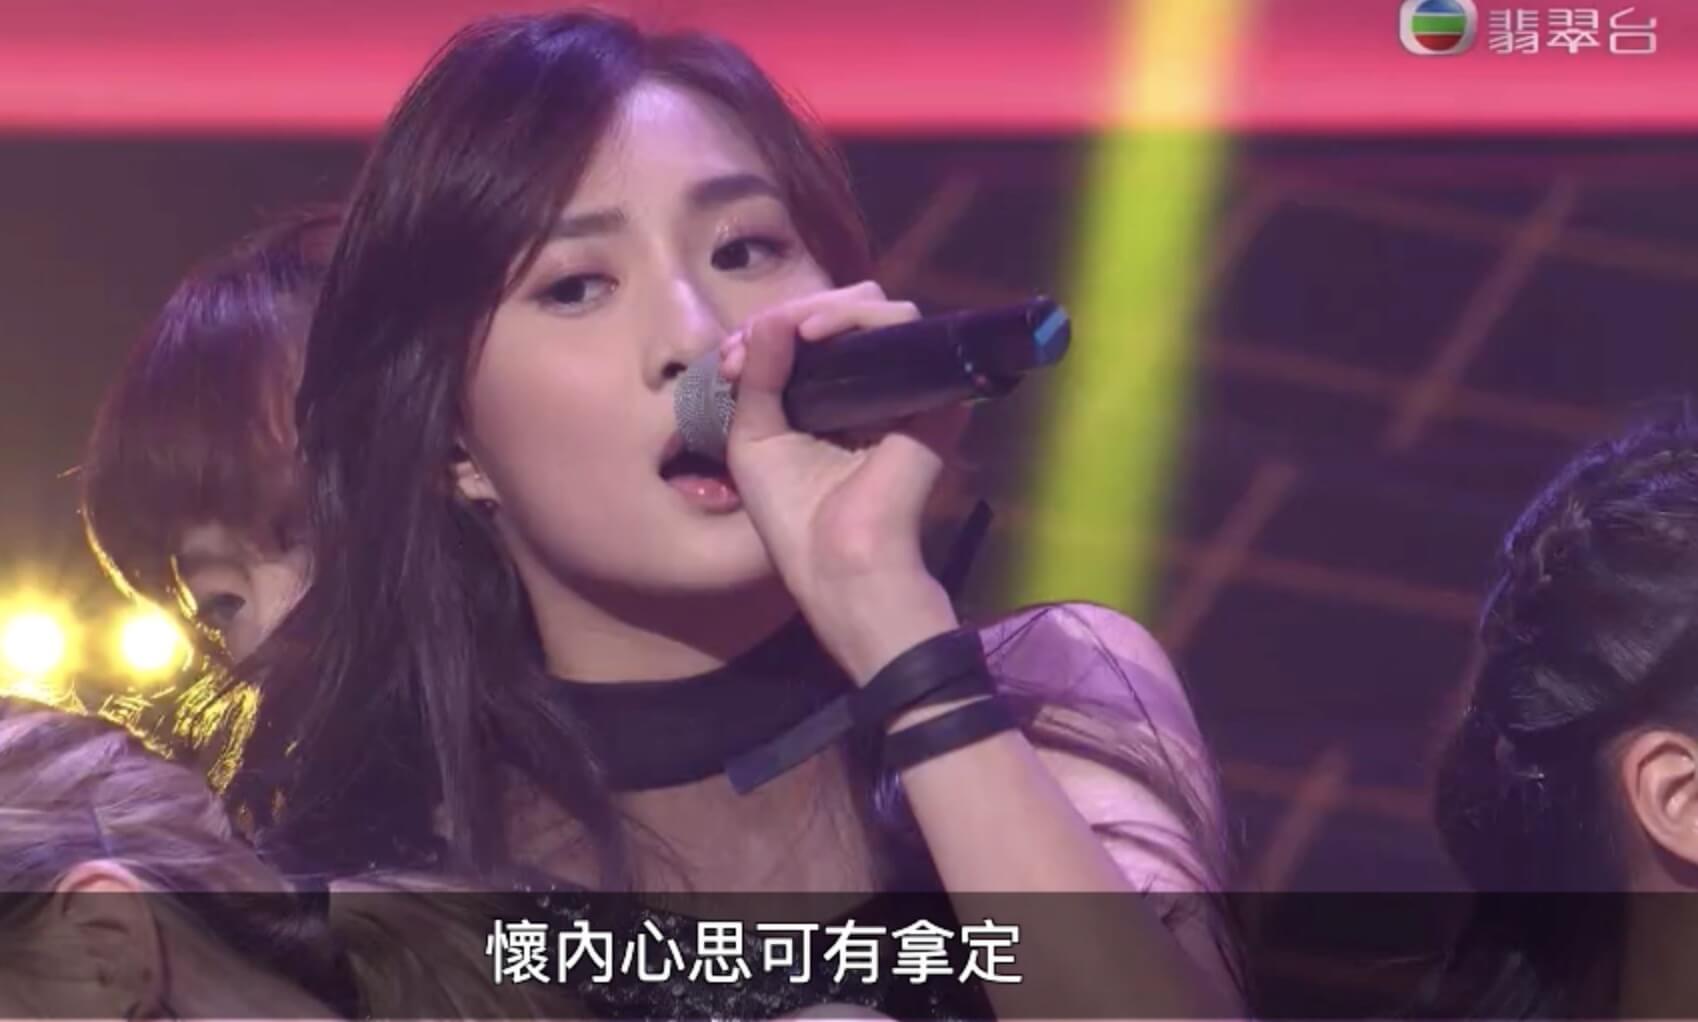 鍾柔美(Yumi)在第一回合唱出《第四晚心情》